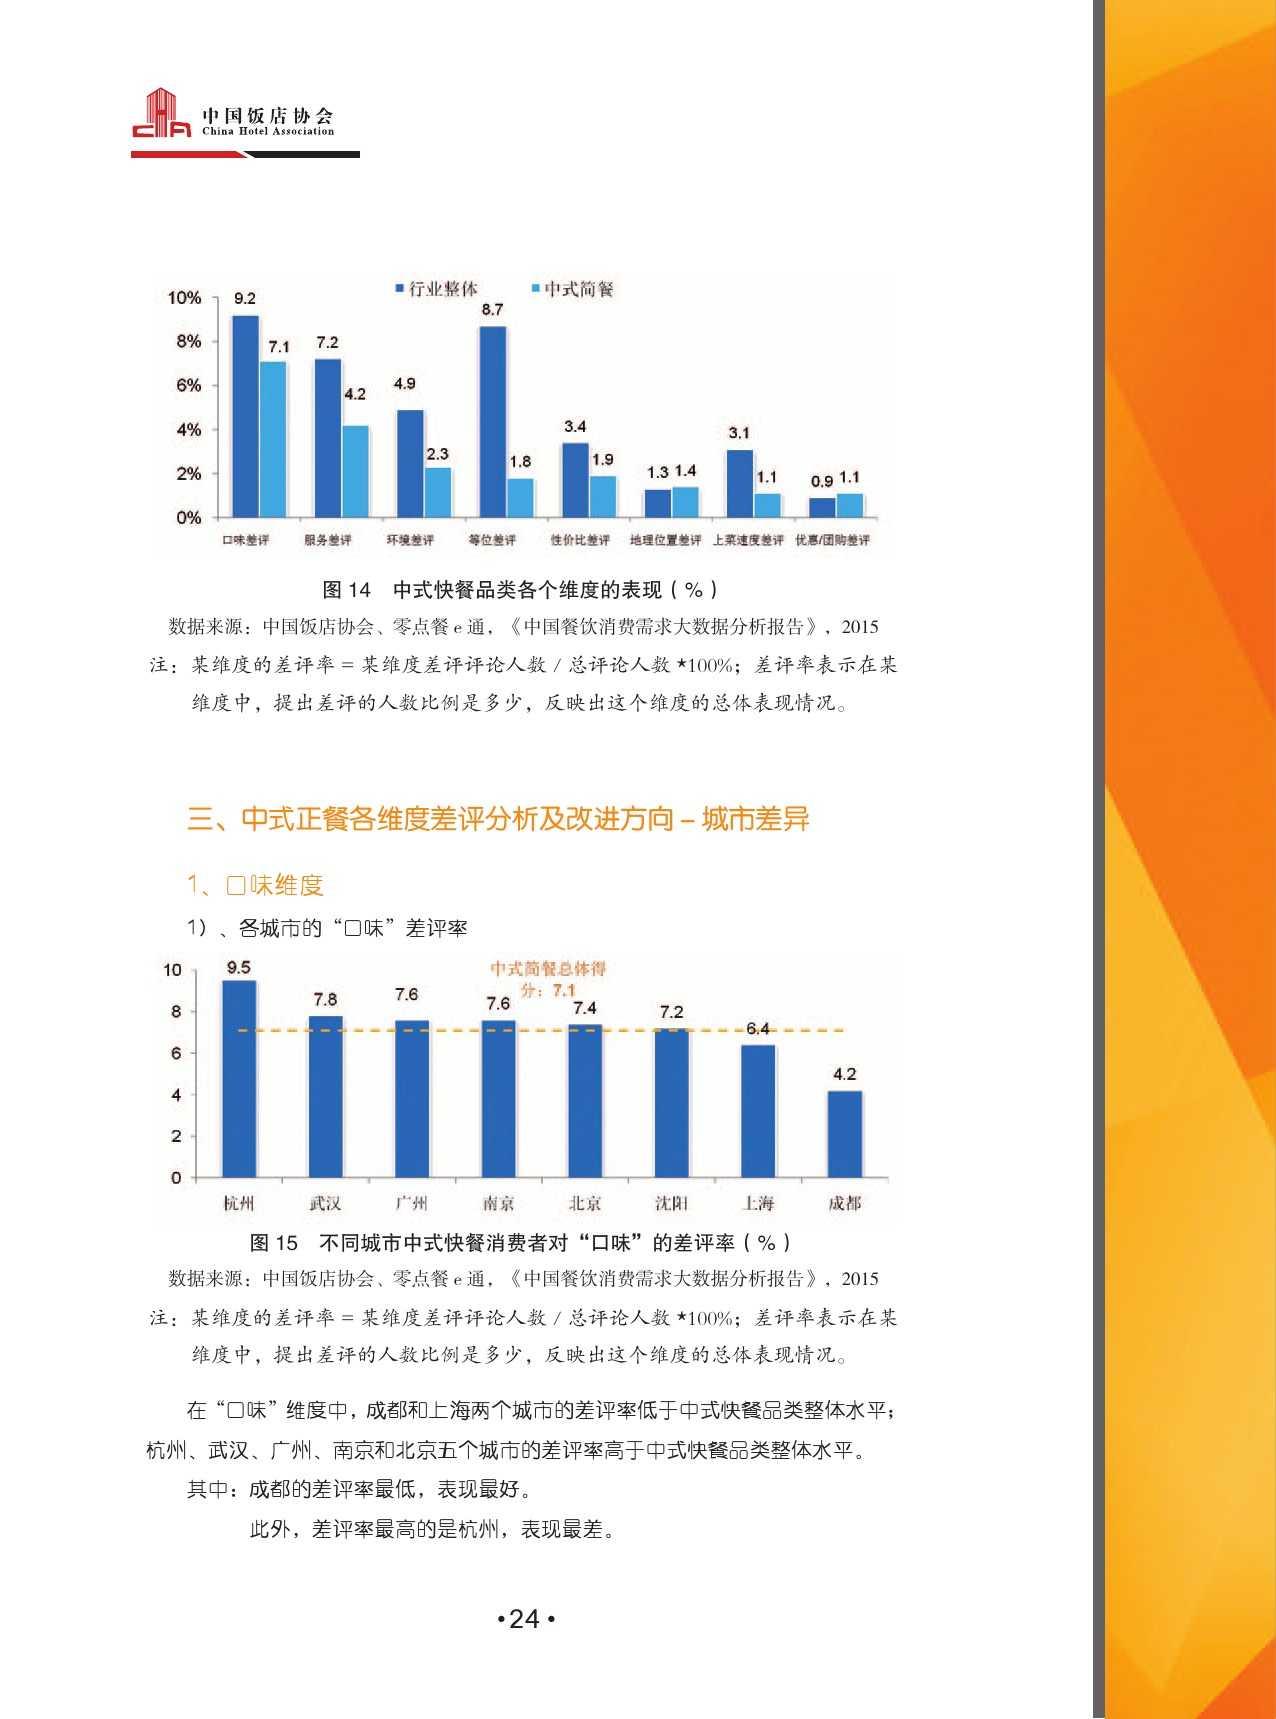 2015中国餐饮消费需求大数据分析报告_000026